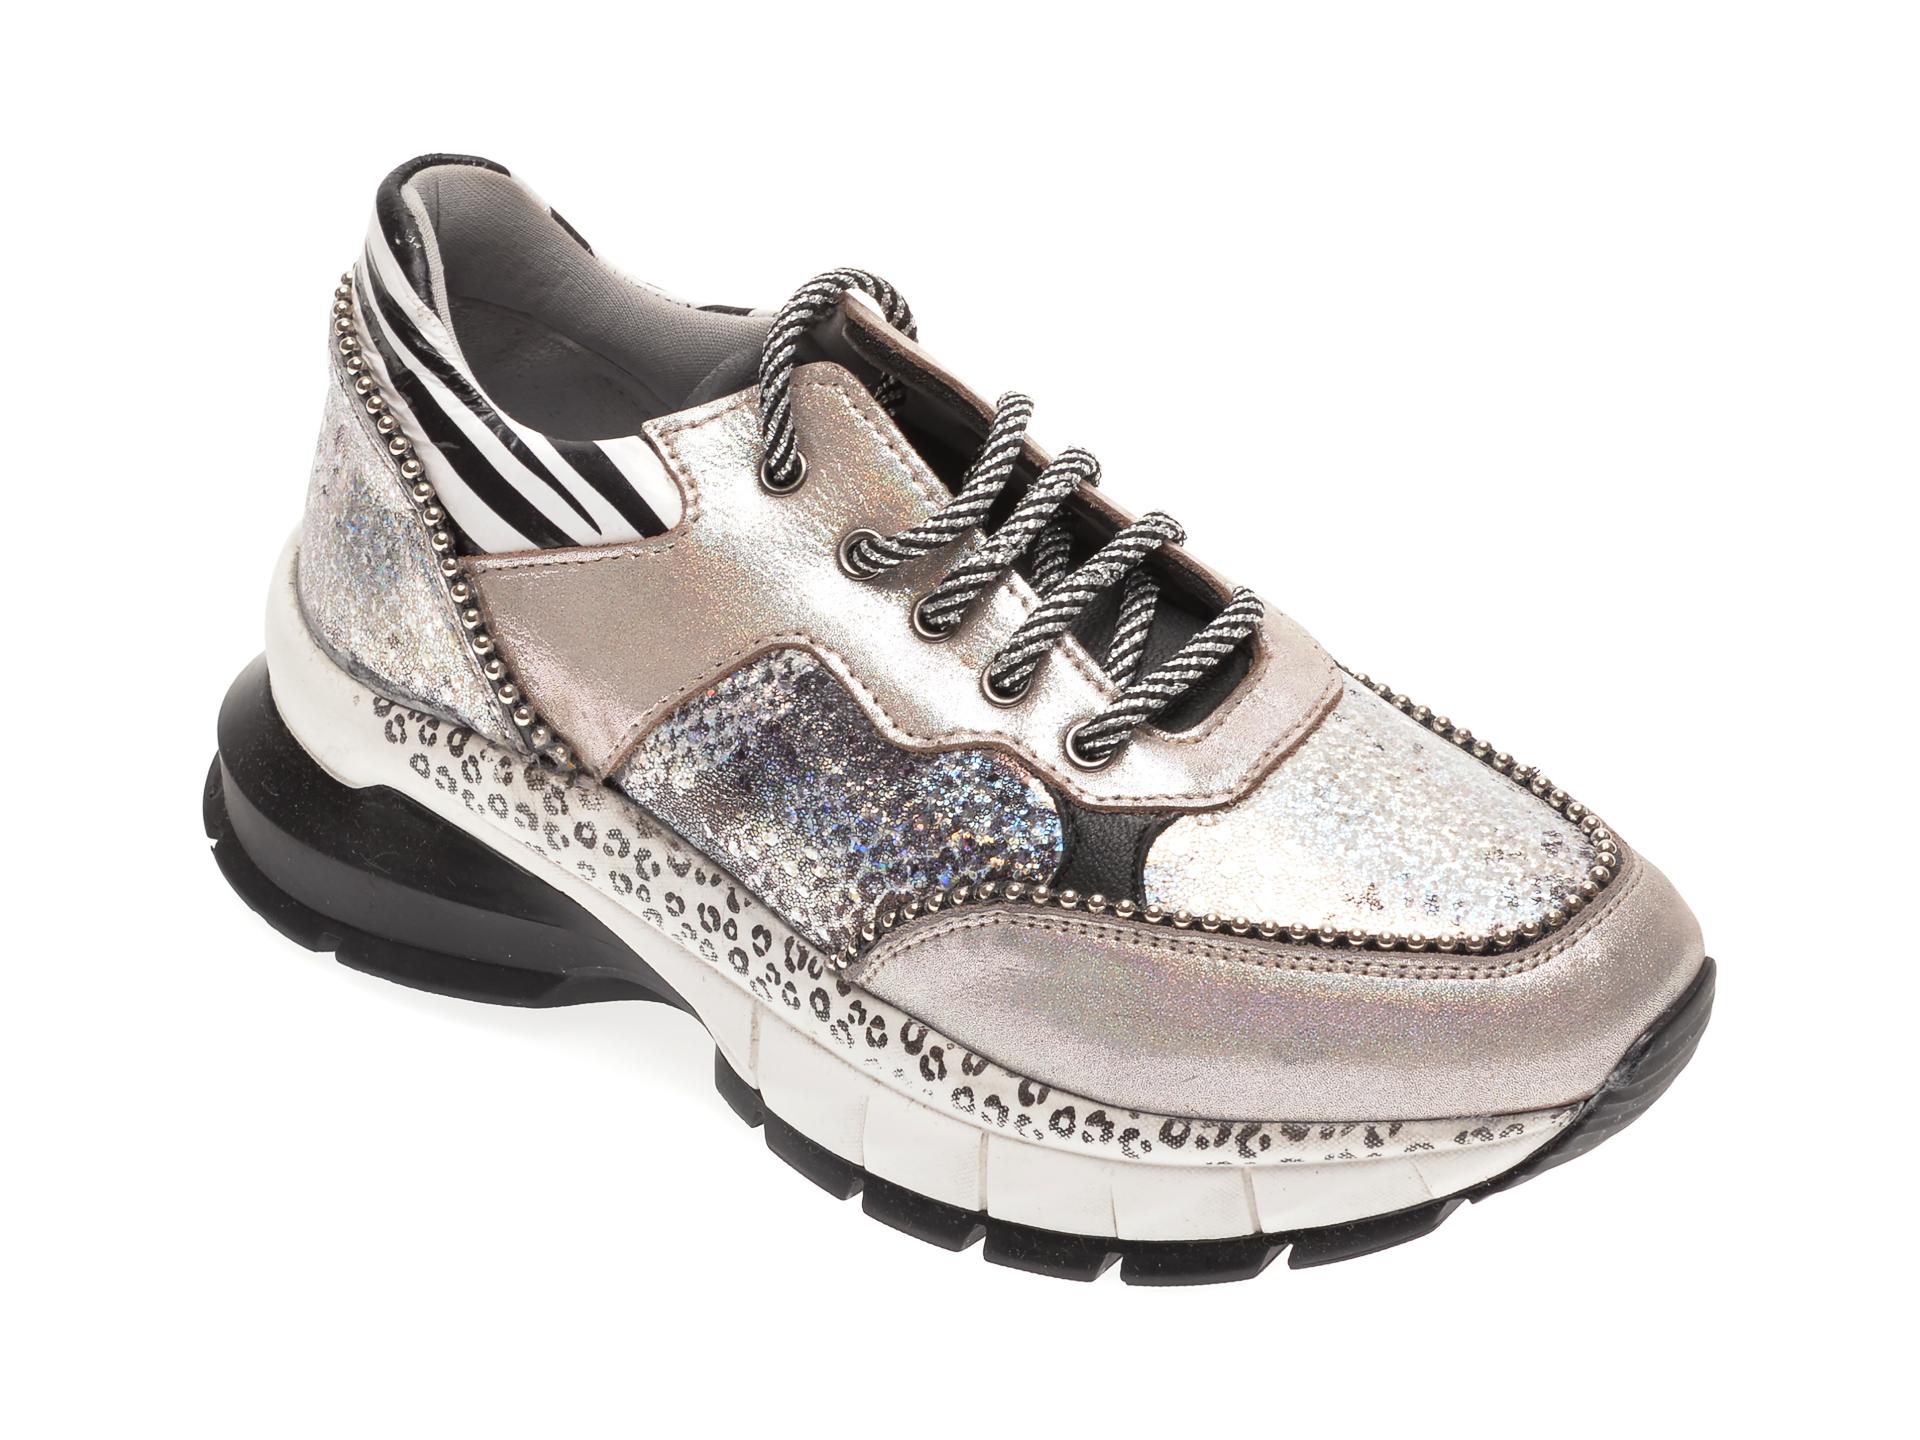 Pantofi sport BABOOS multicolori, 1201, din piele naturala